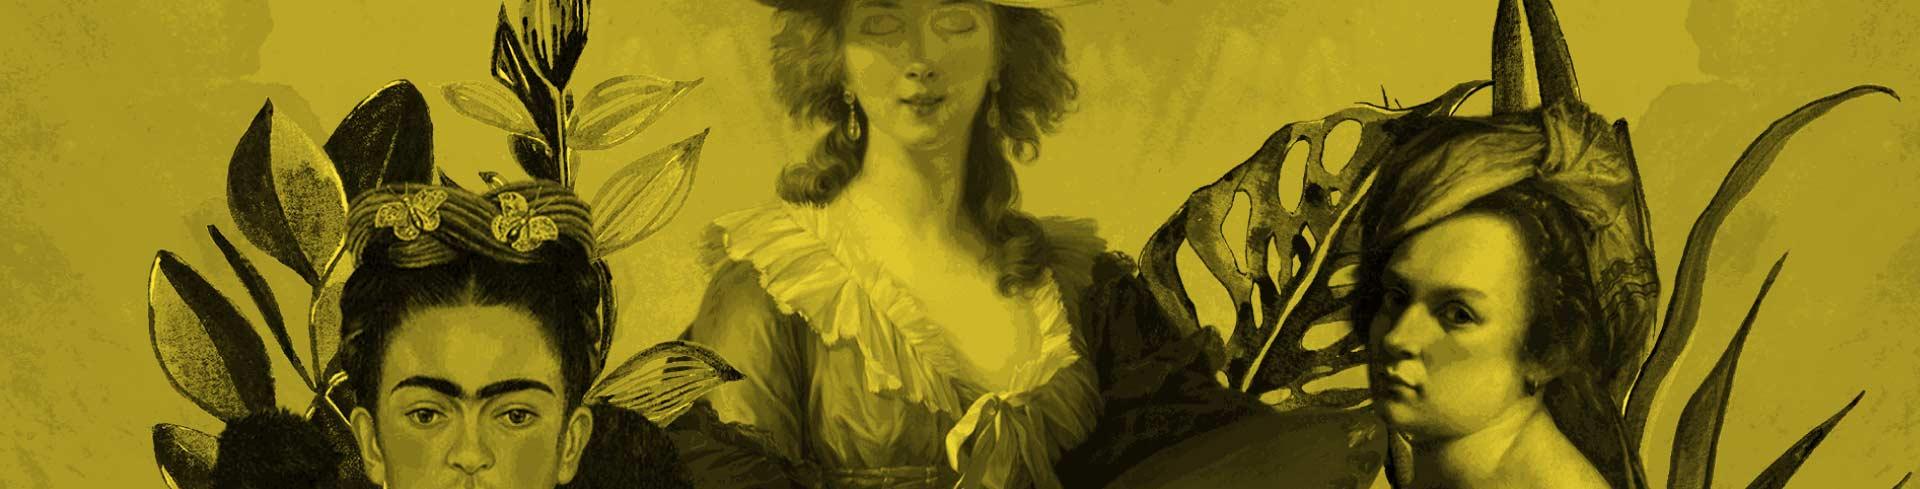 Gentileschi, Vigée Le Brun y Kahlo: espejo y autorretratos de tres pintoras